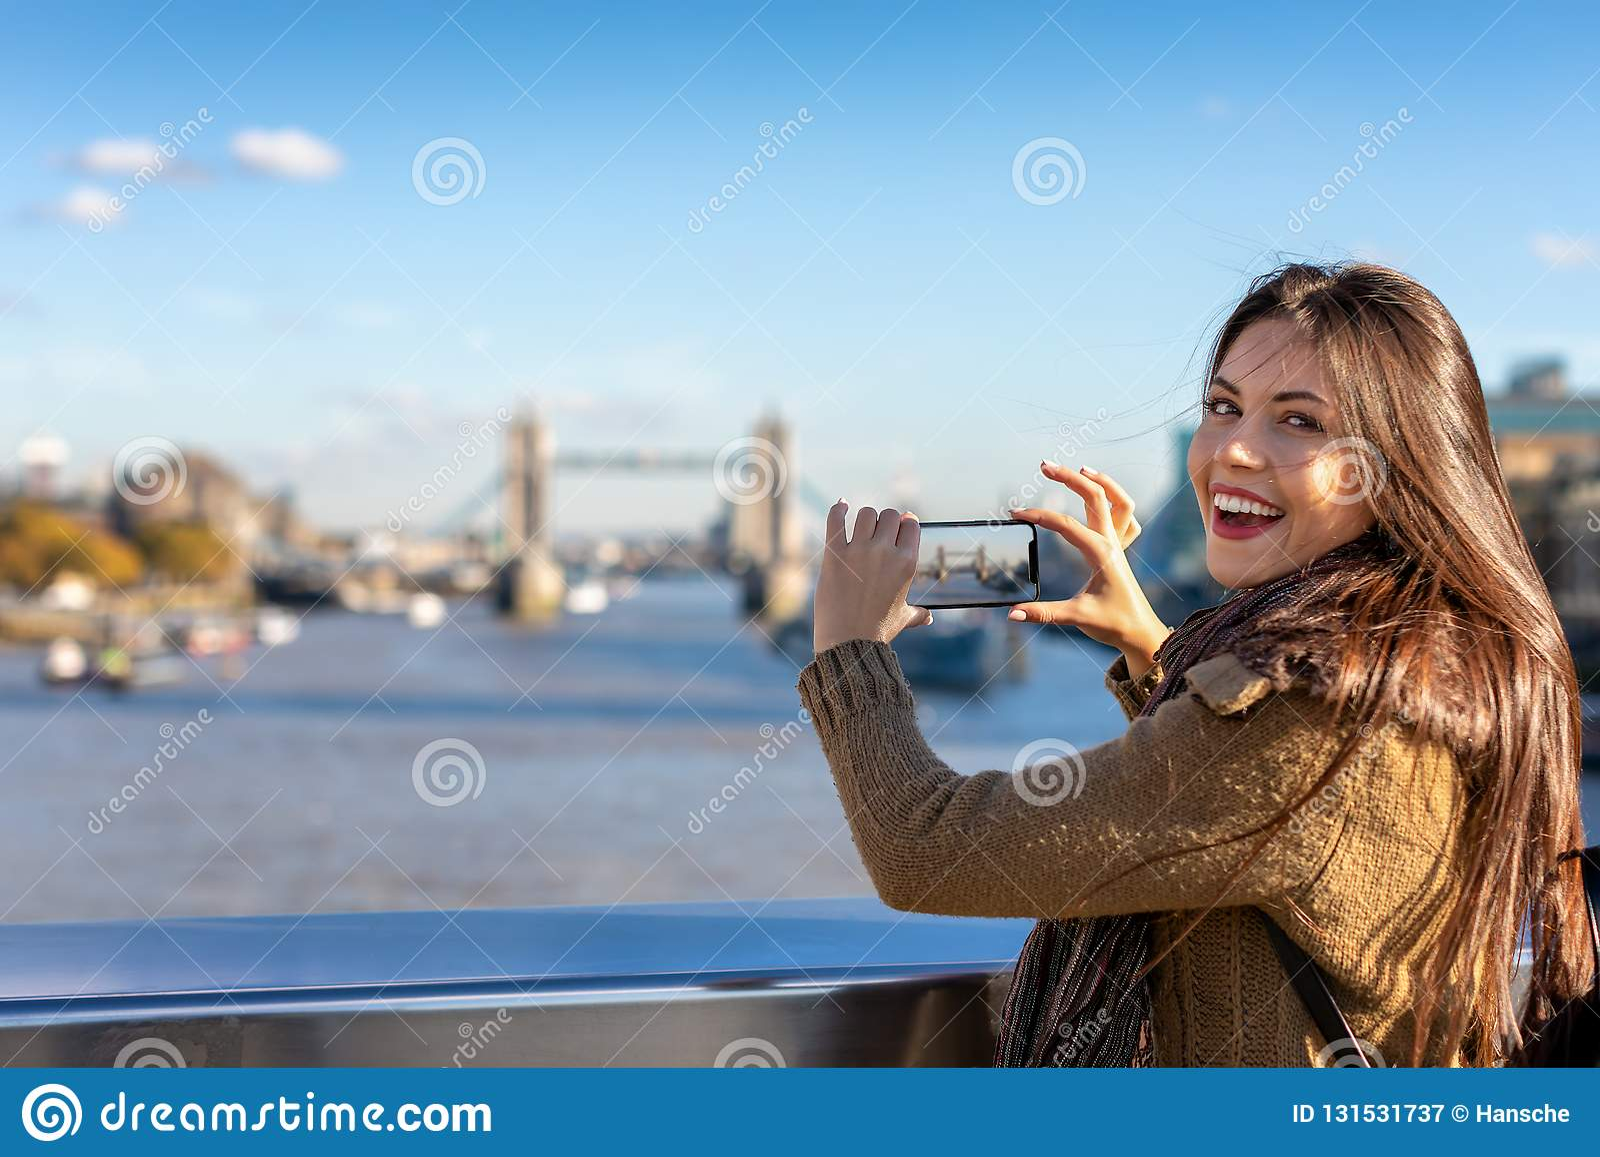 Le touriste féminin de Londres prend des photos du pont de tour